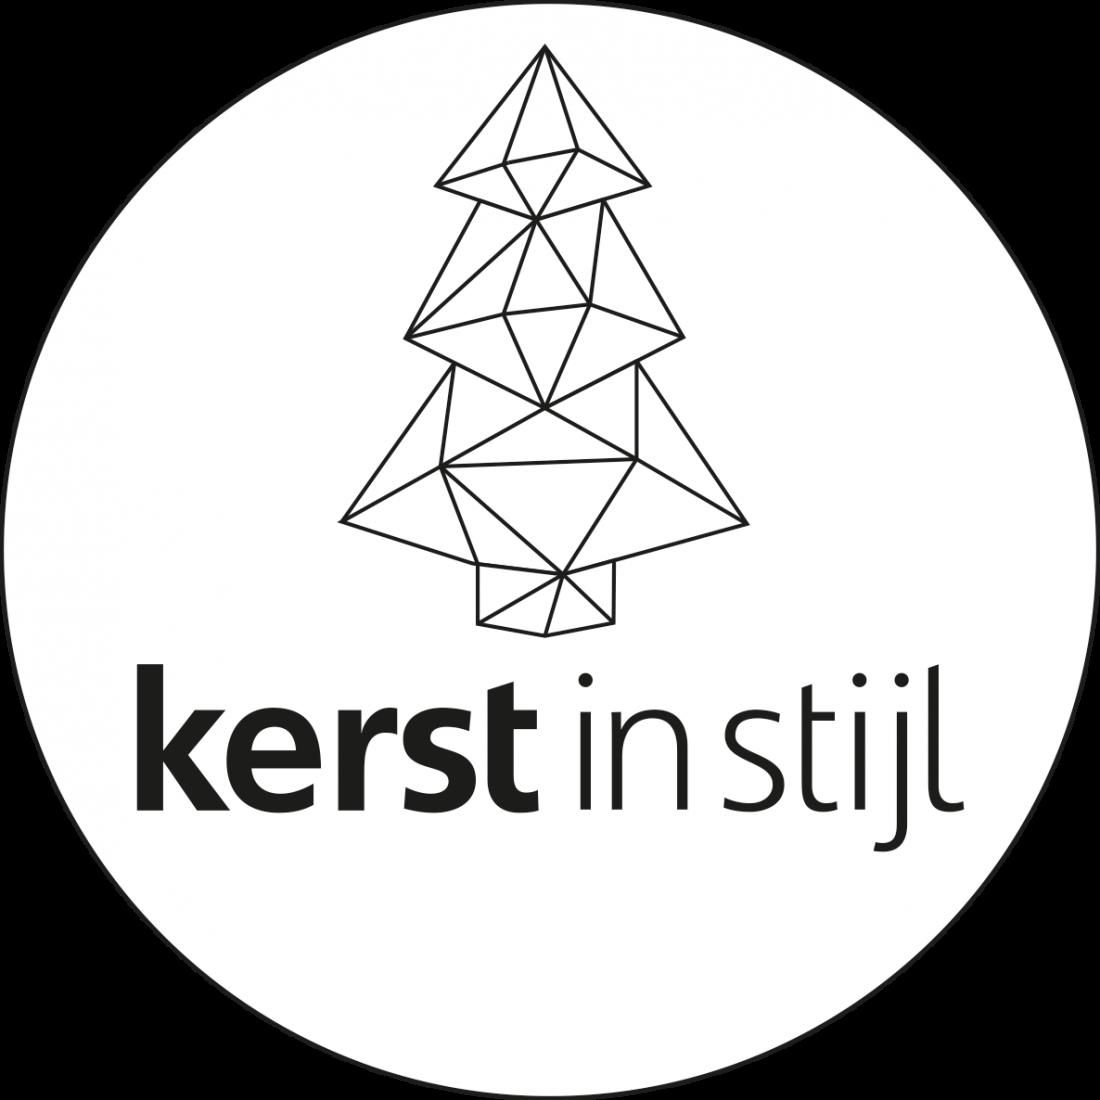 kerstinstijl.nl